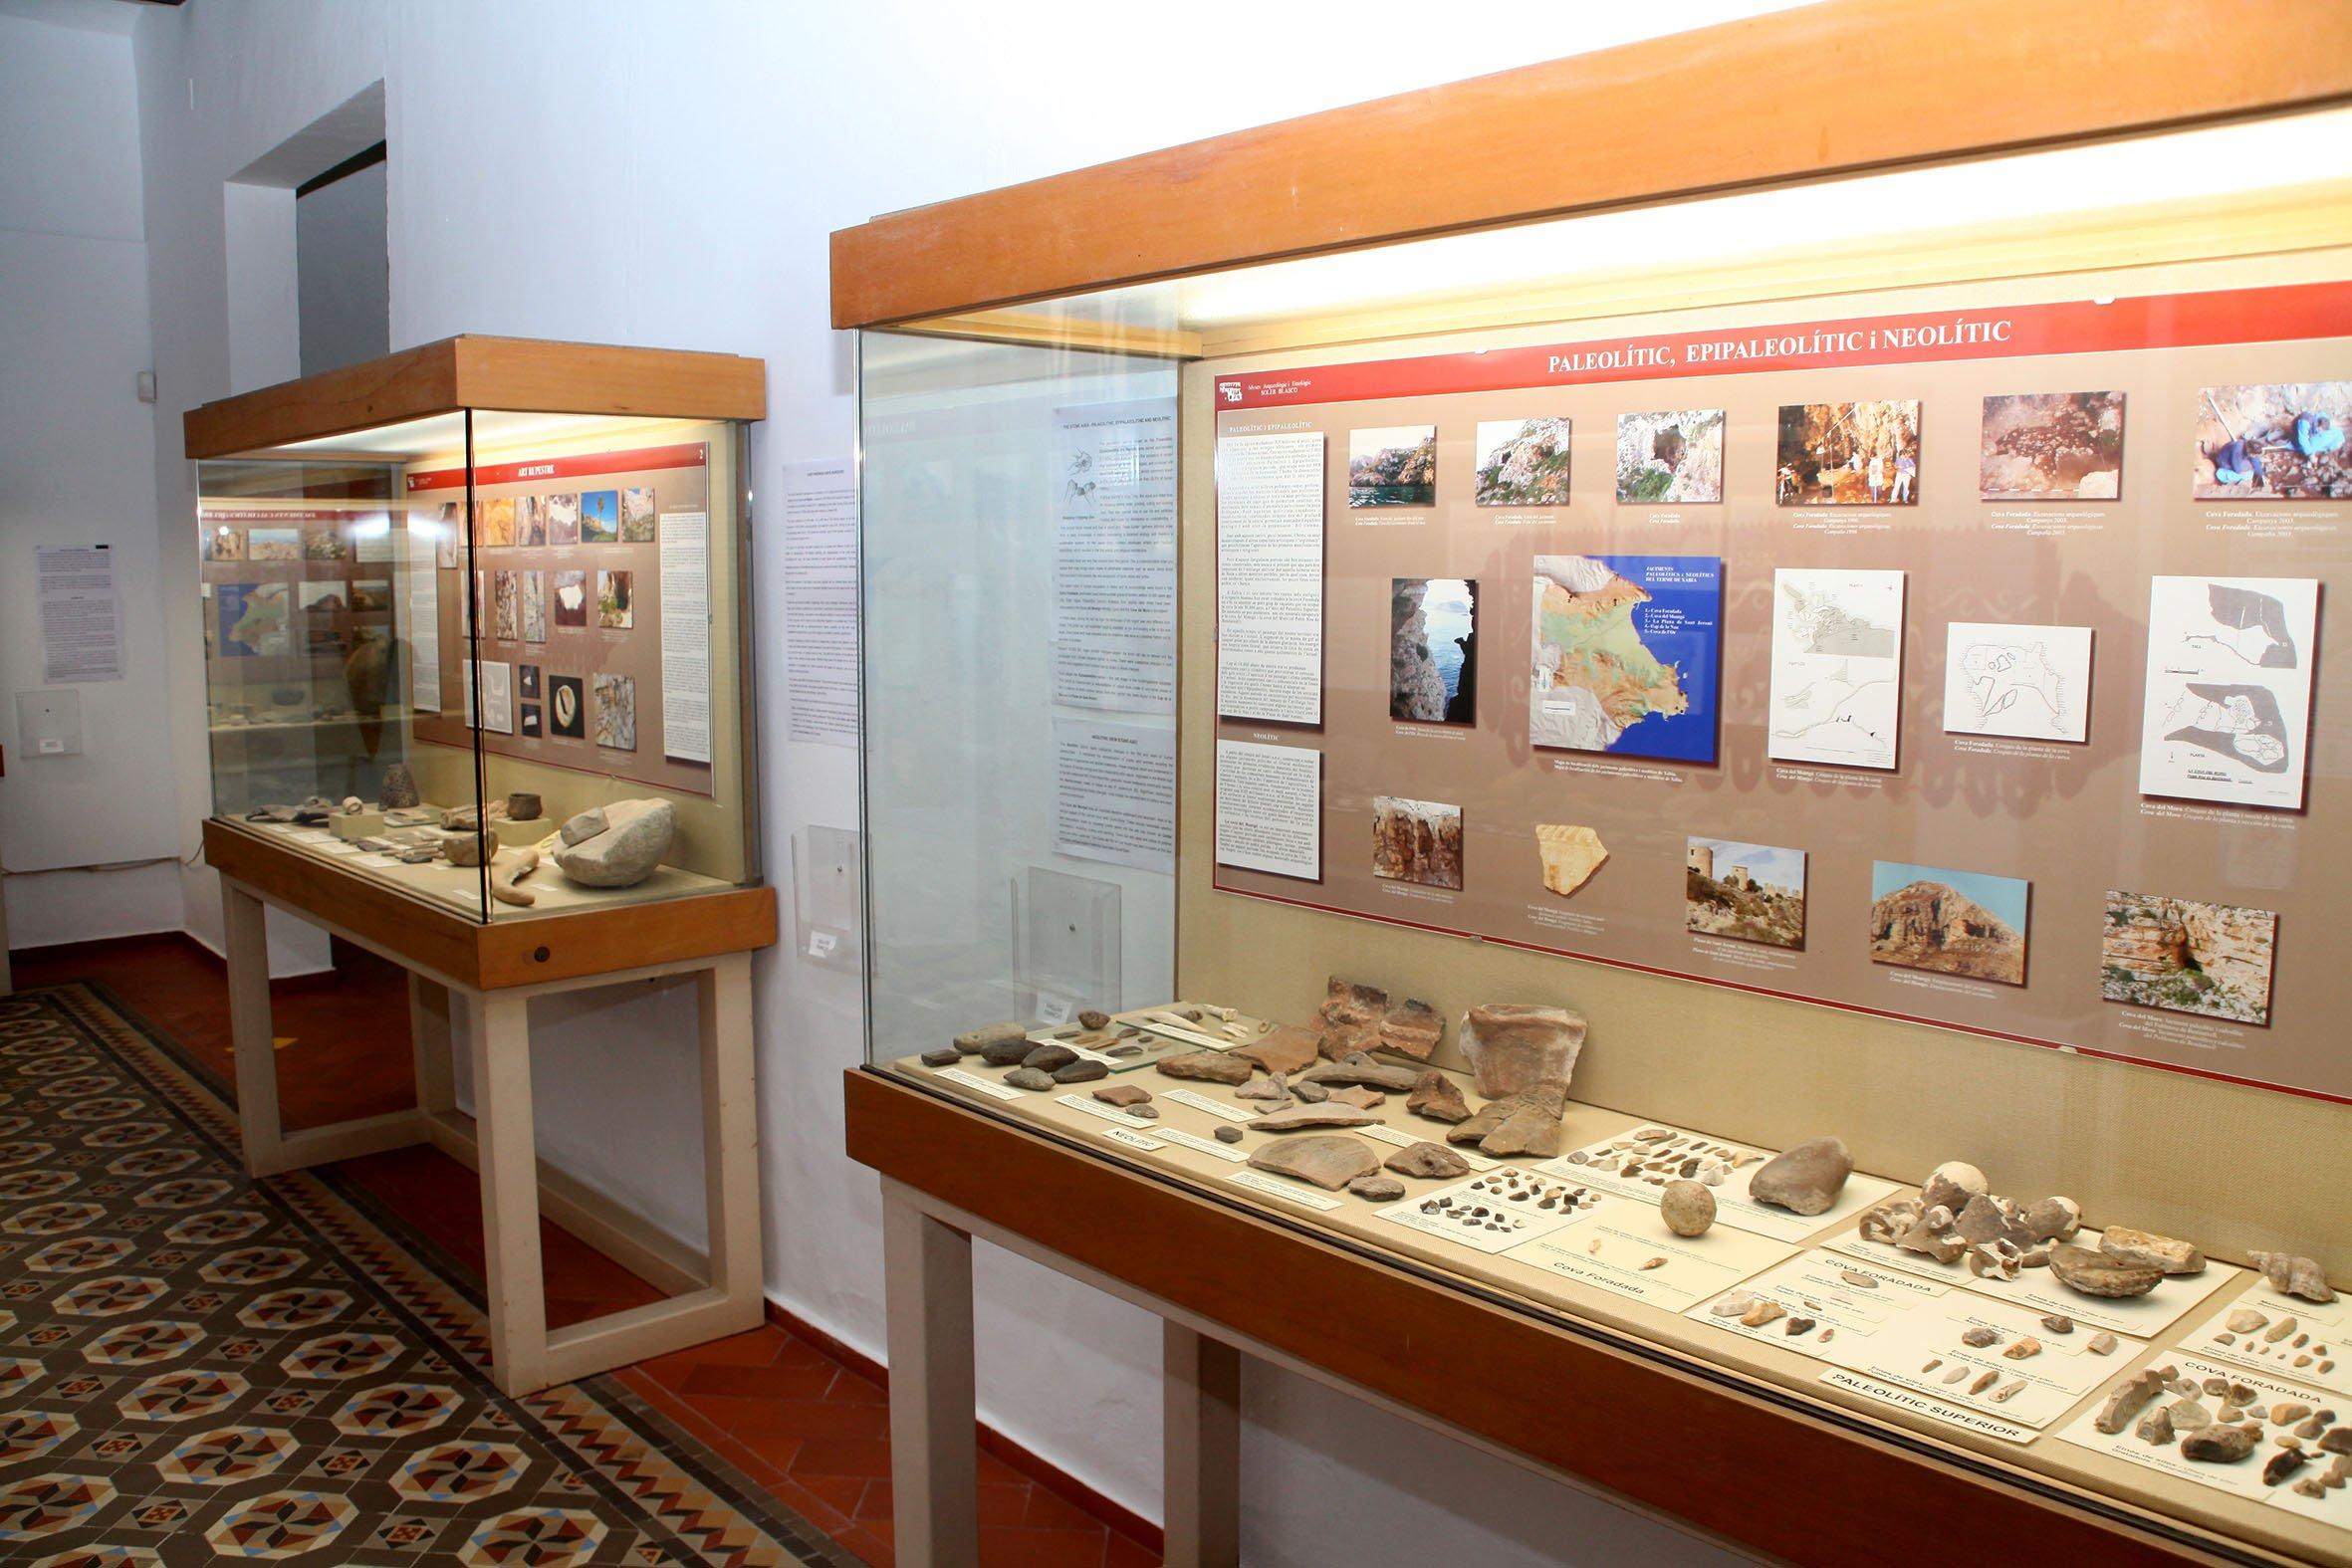 Exposición de hallazgos de la época del Neolítico y Paleolítico